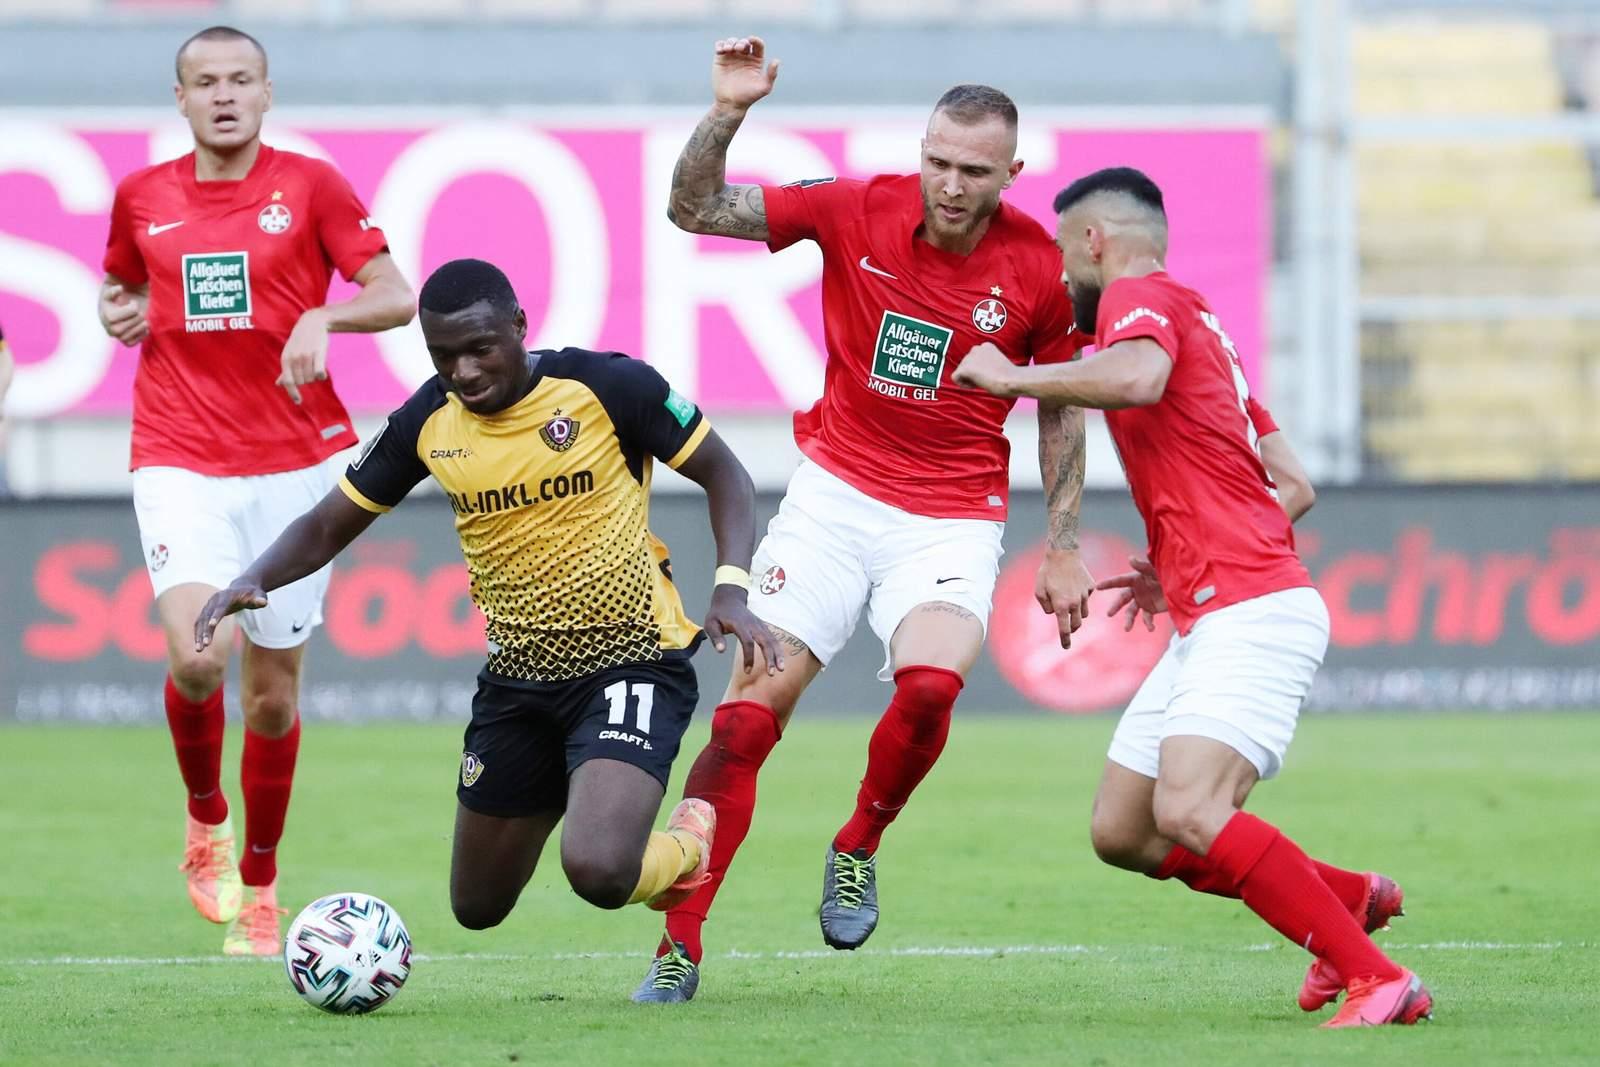 Tim Rieder (2.v.r.) beim Liga-Auftakt gegen Dynamo Dresden.